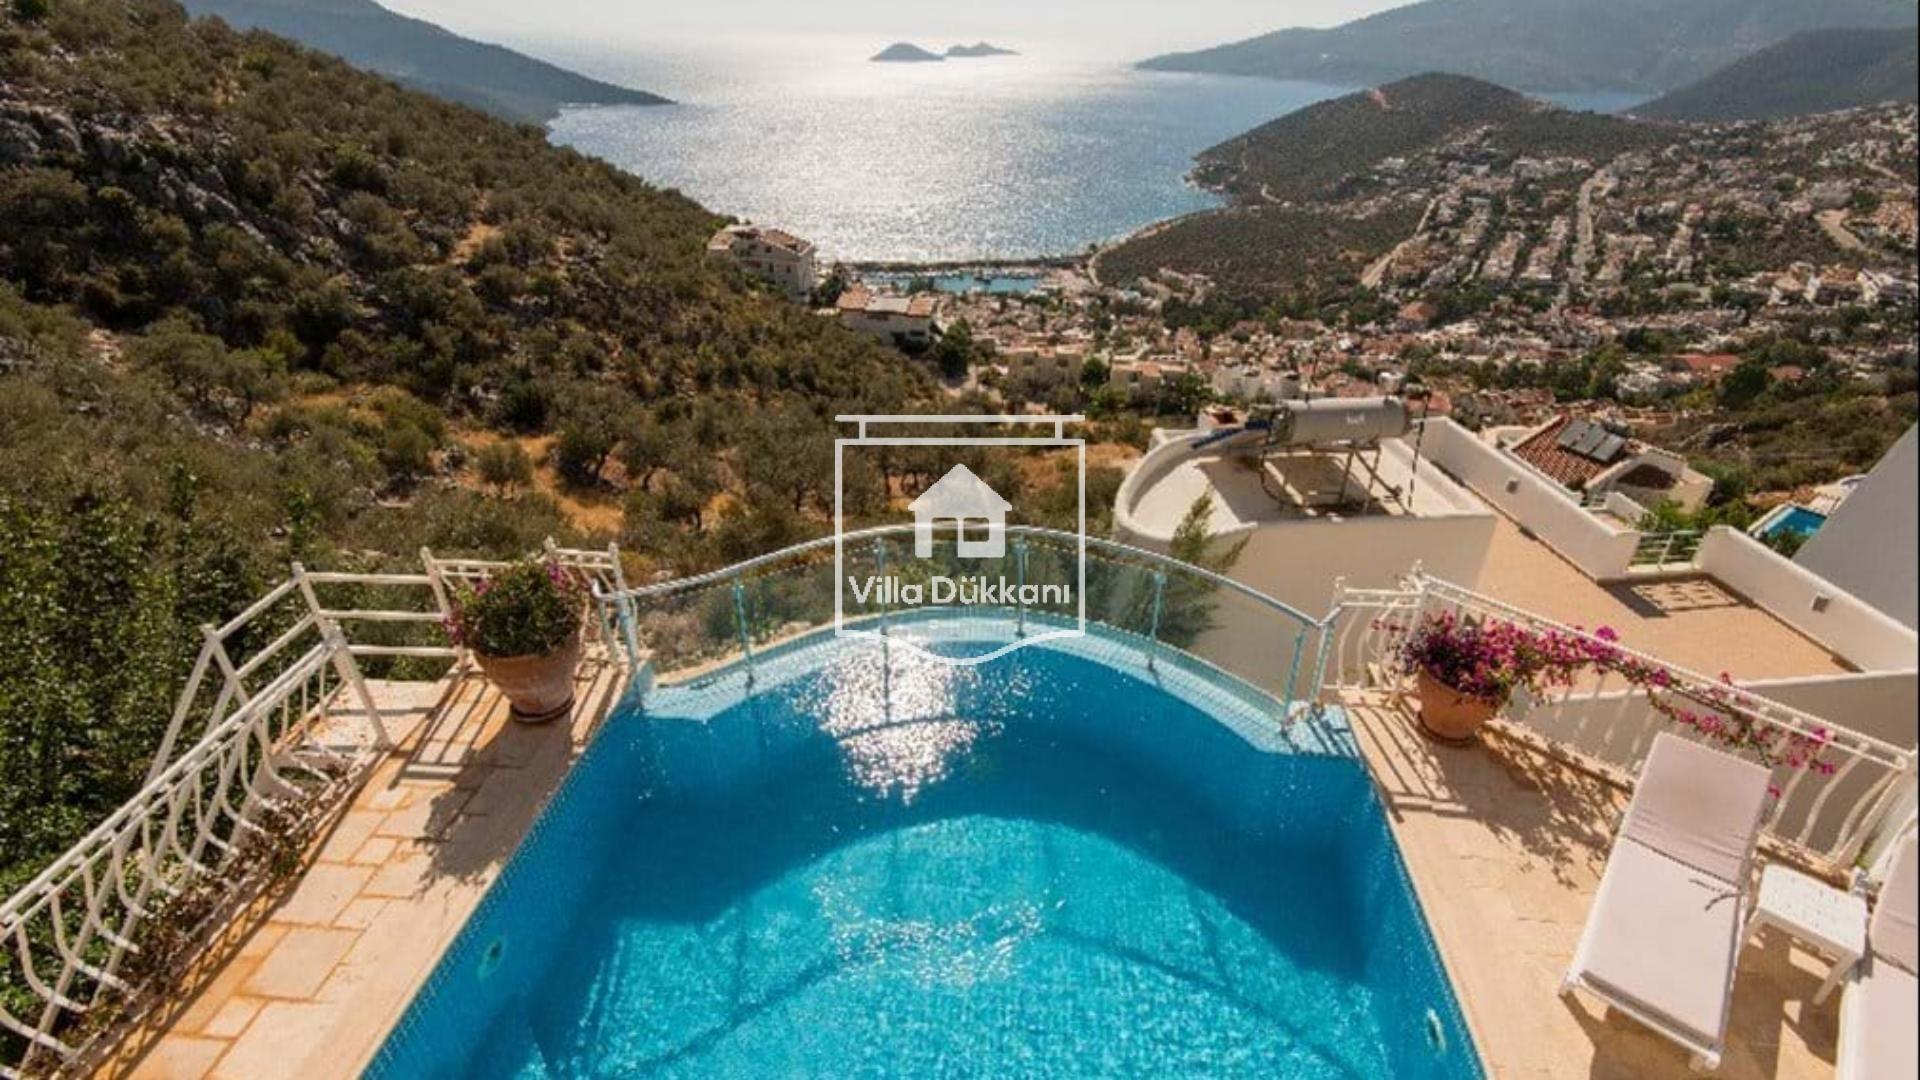 Havuzlu Villalarda Kalmanın Sunduğu Tüm Avantajlardan Faydalanın